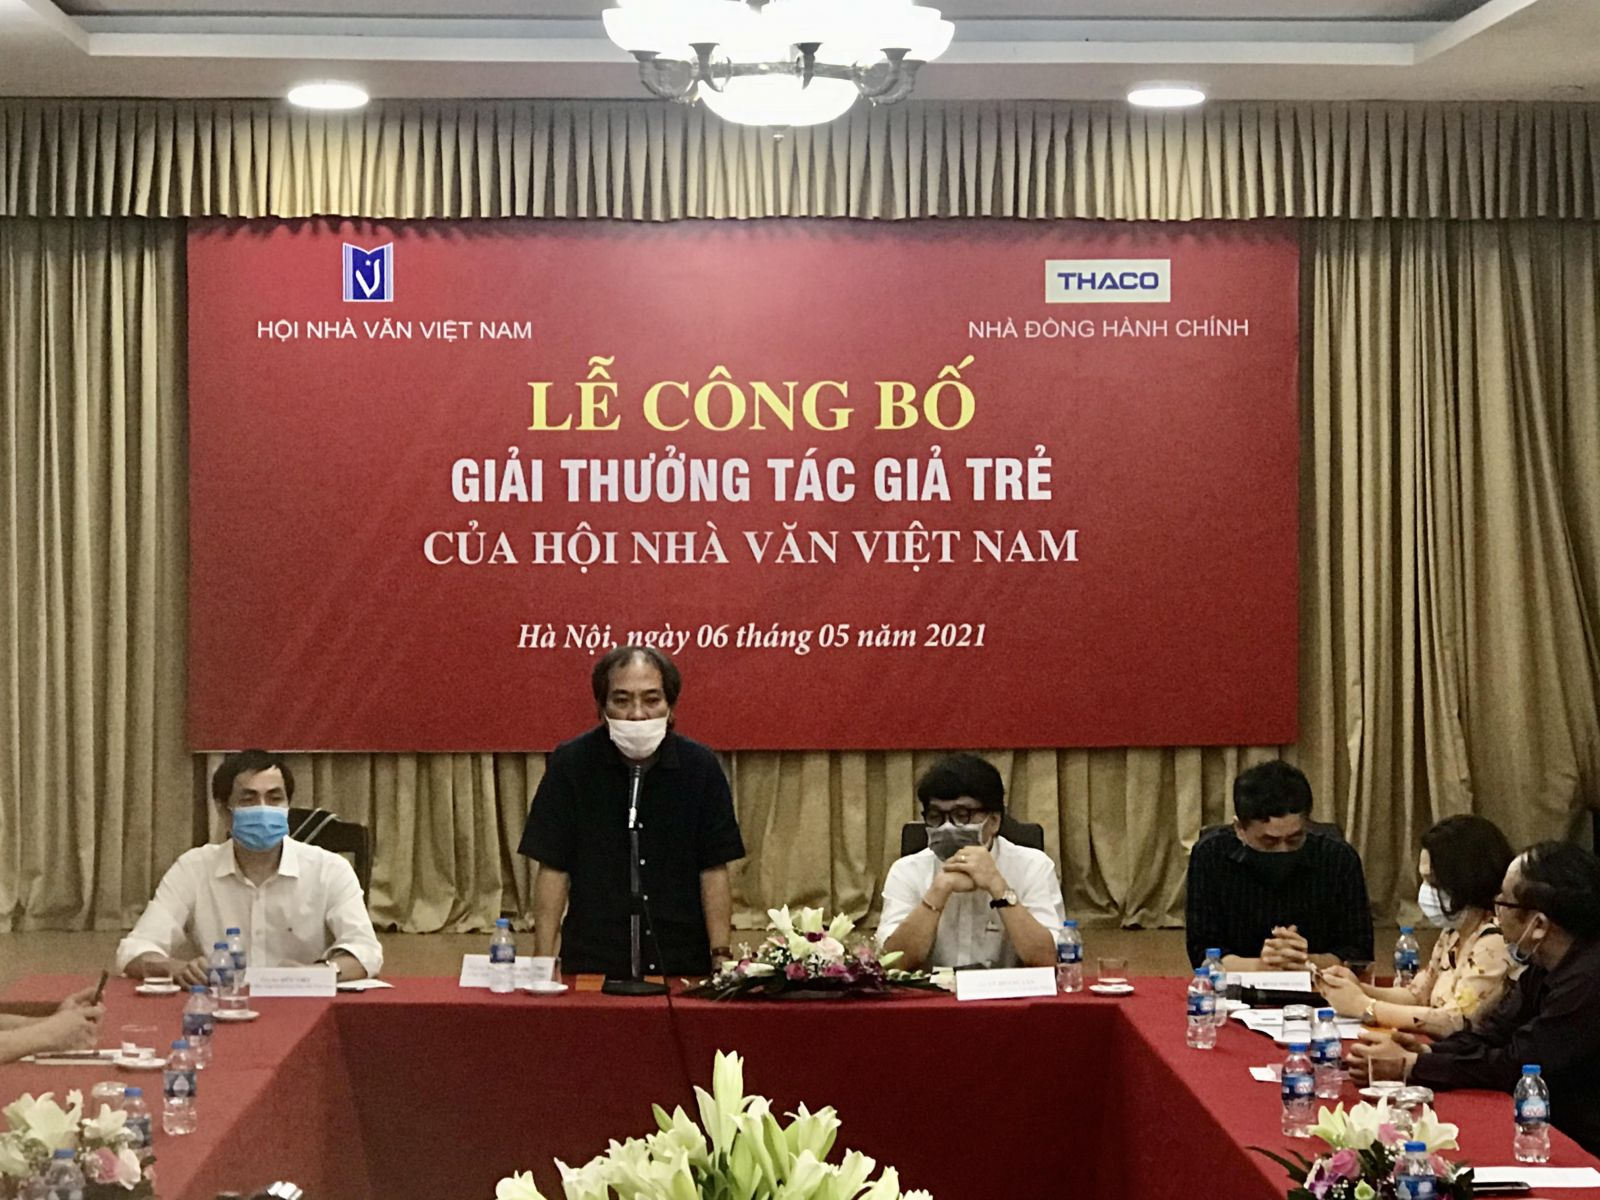 Hội nhà văn Việt Nam tổ chức công bố Giải thưởng tác giả trẻ